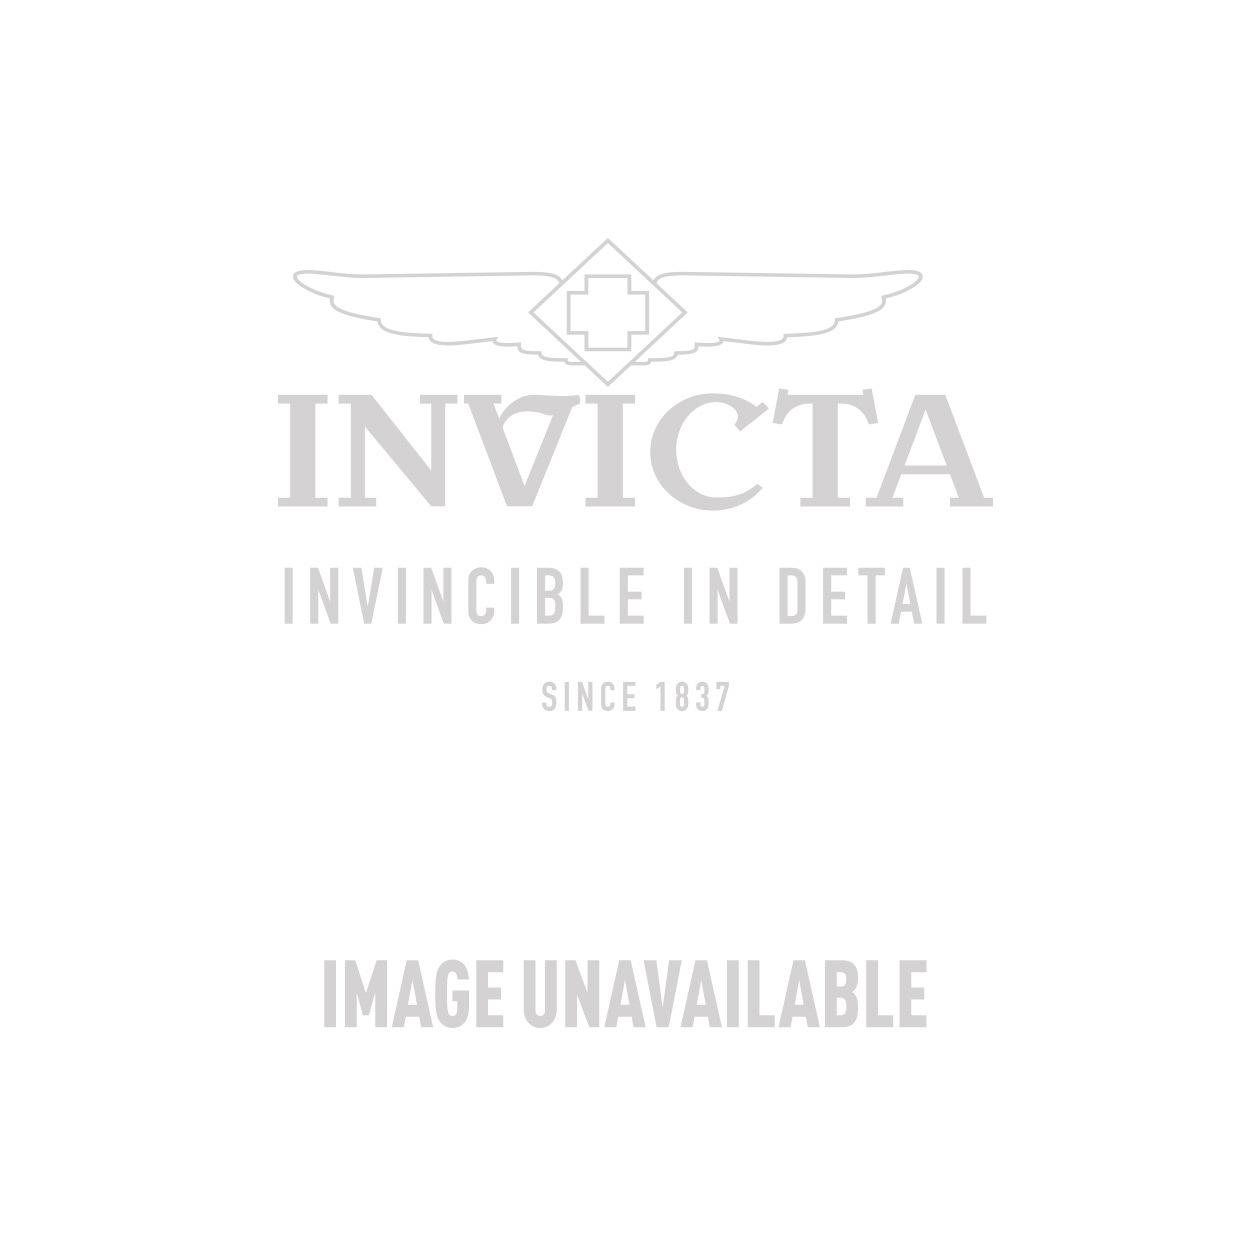 Invicta Model 25557